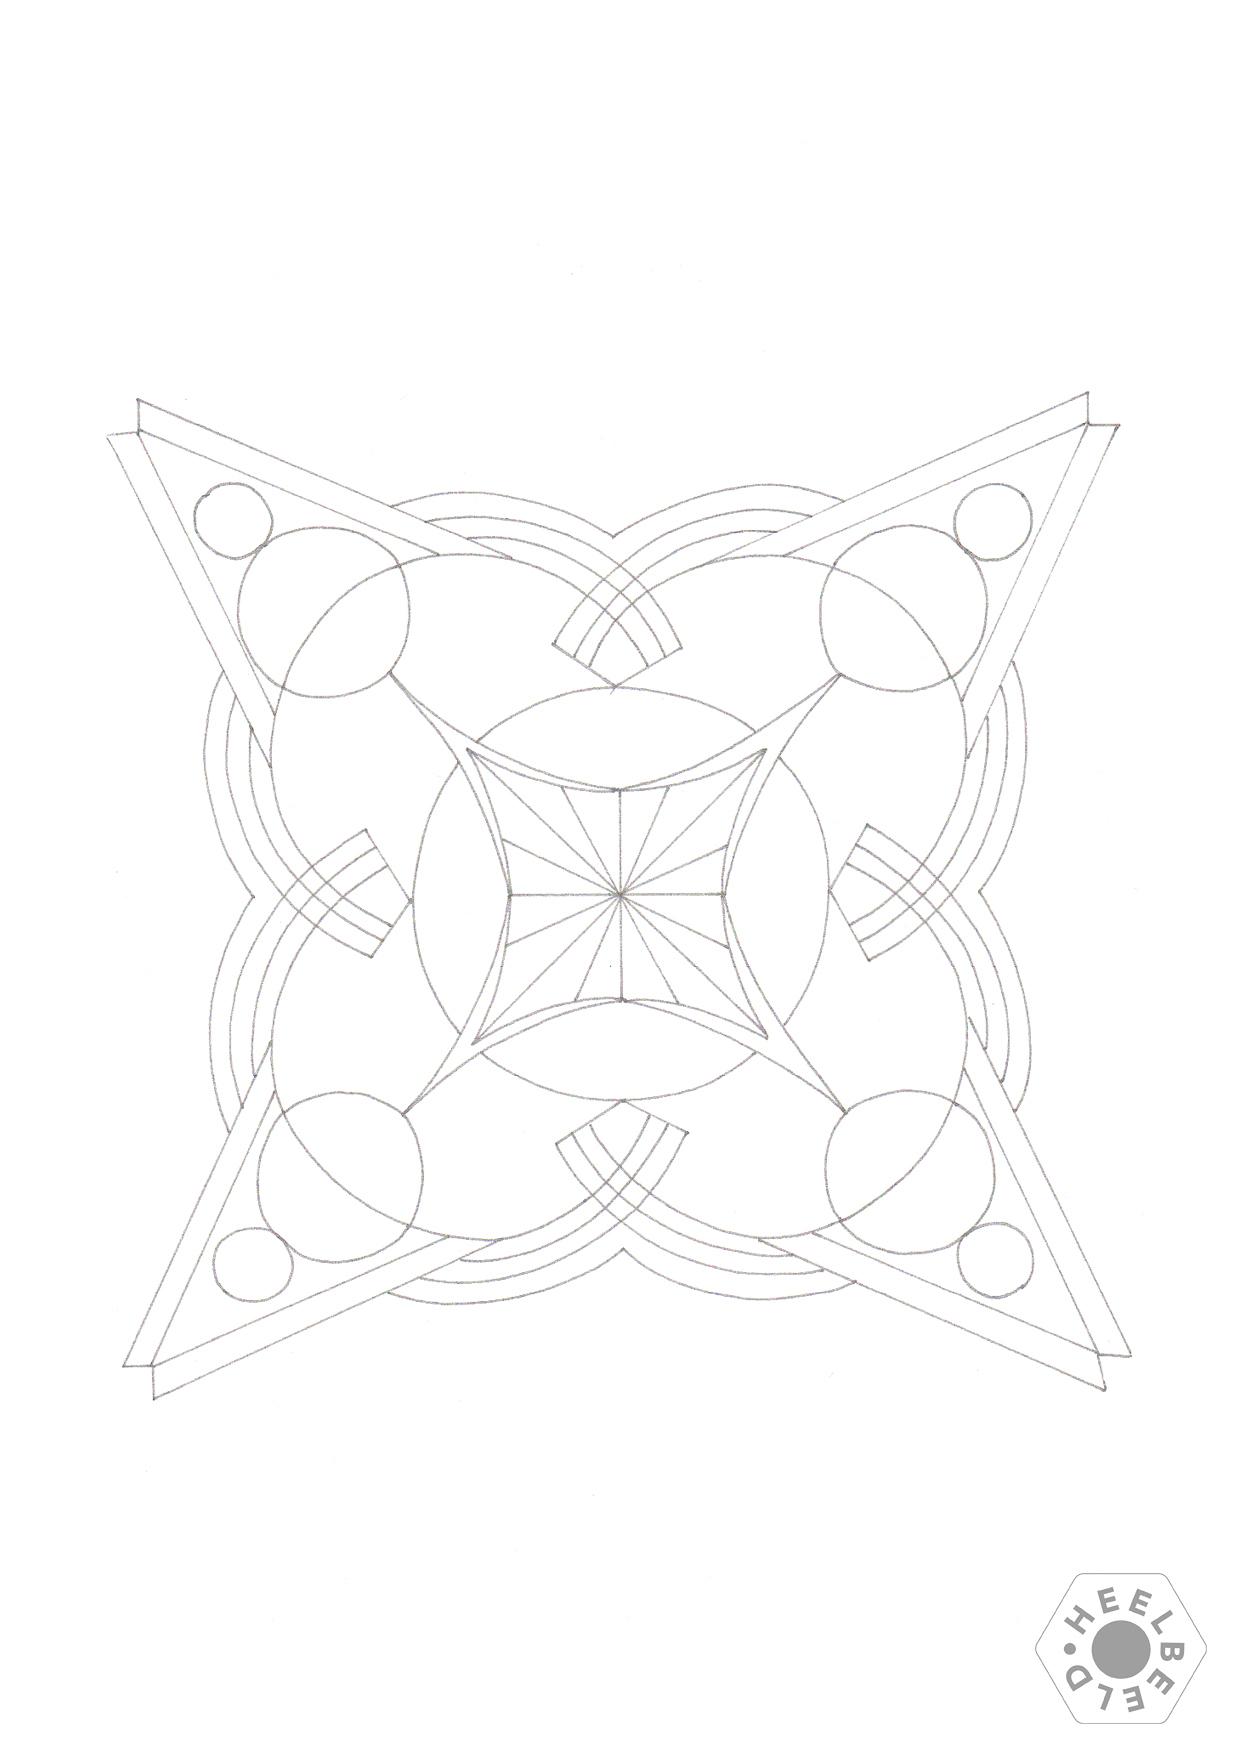 kleurplaat geometrie 1 heelbeeld persoonlijke ontwikkeling